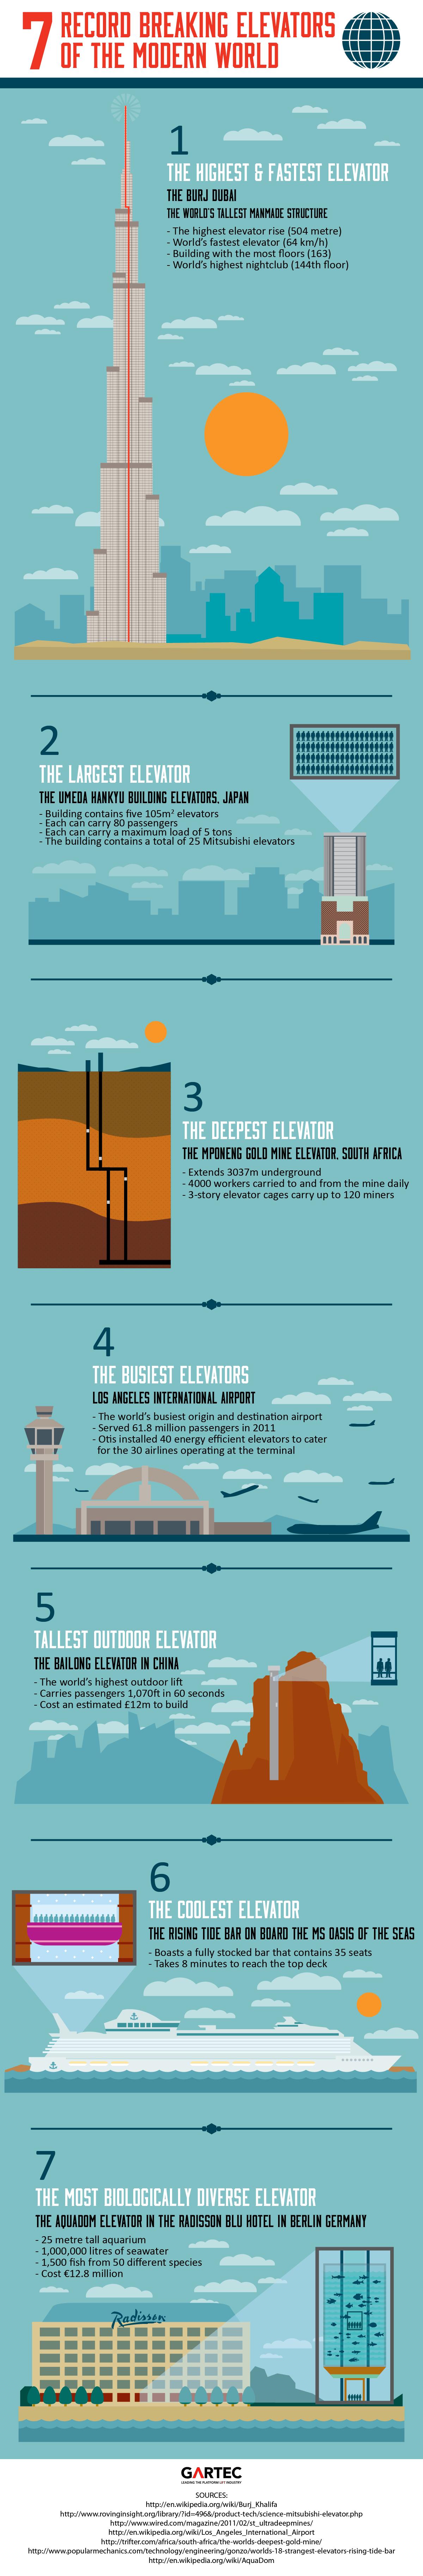 Amazing Elevators-Infographic